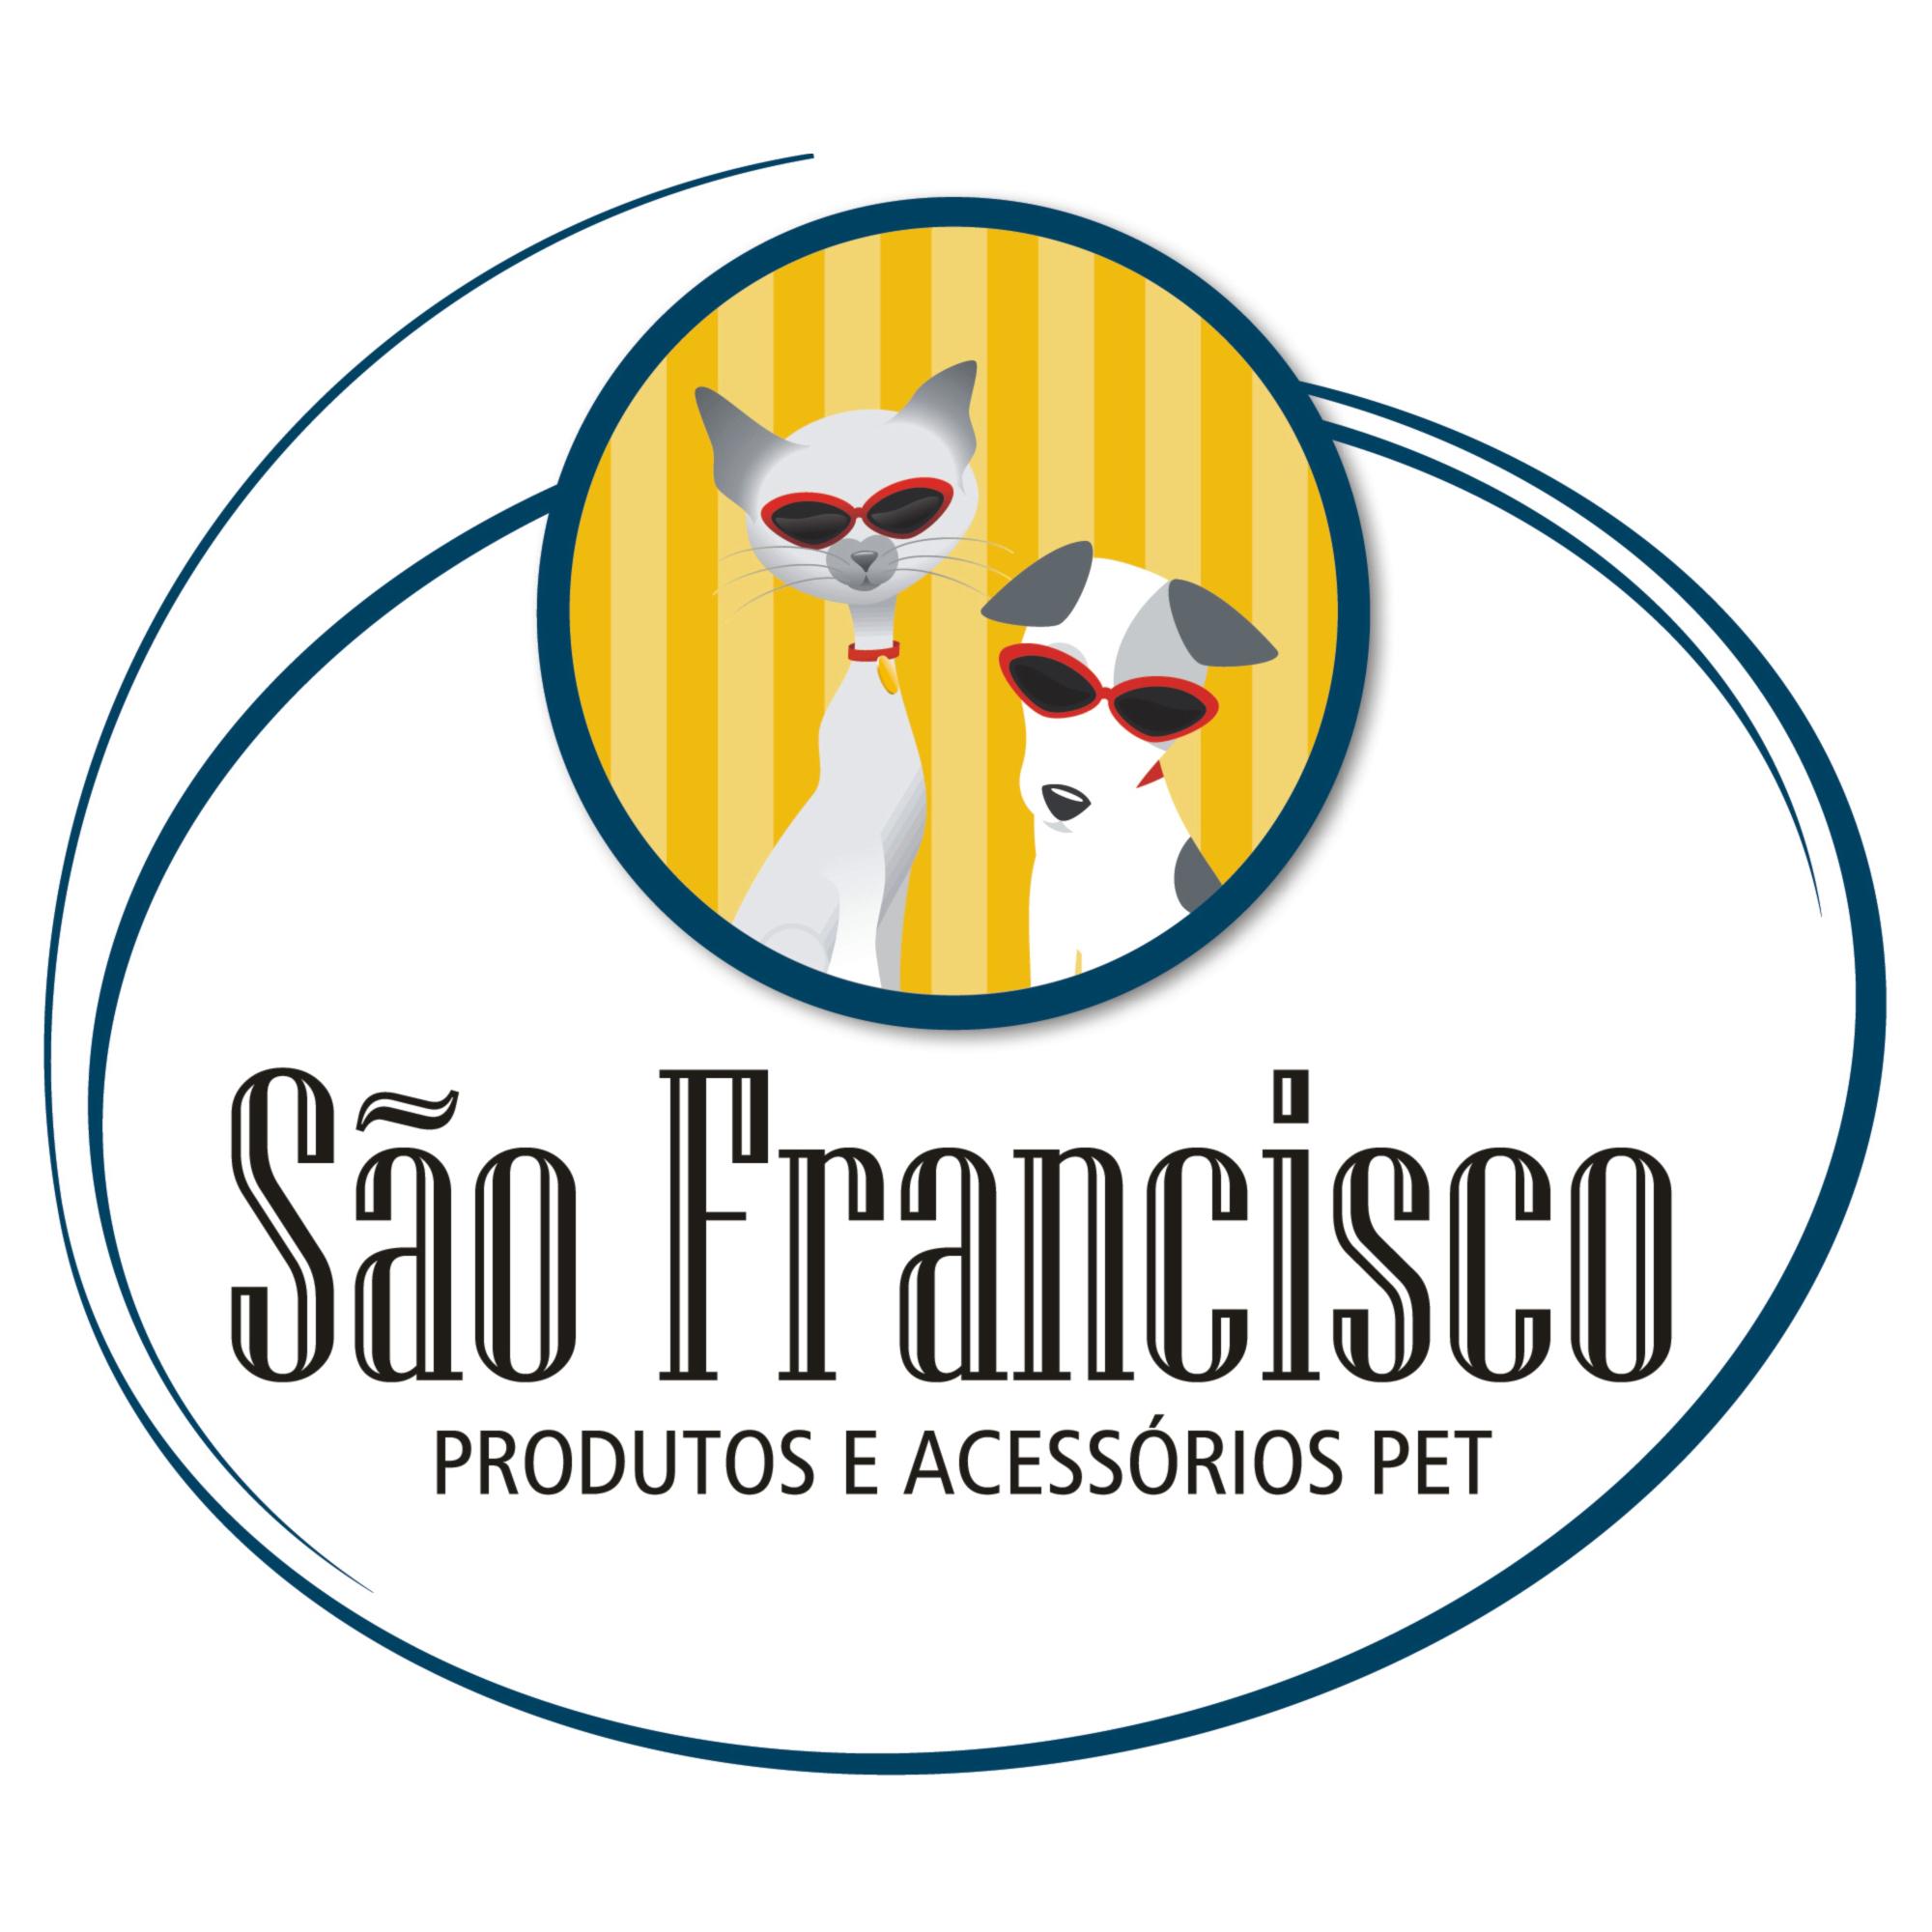 São Francisco Produtos e Acessórios Pet